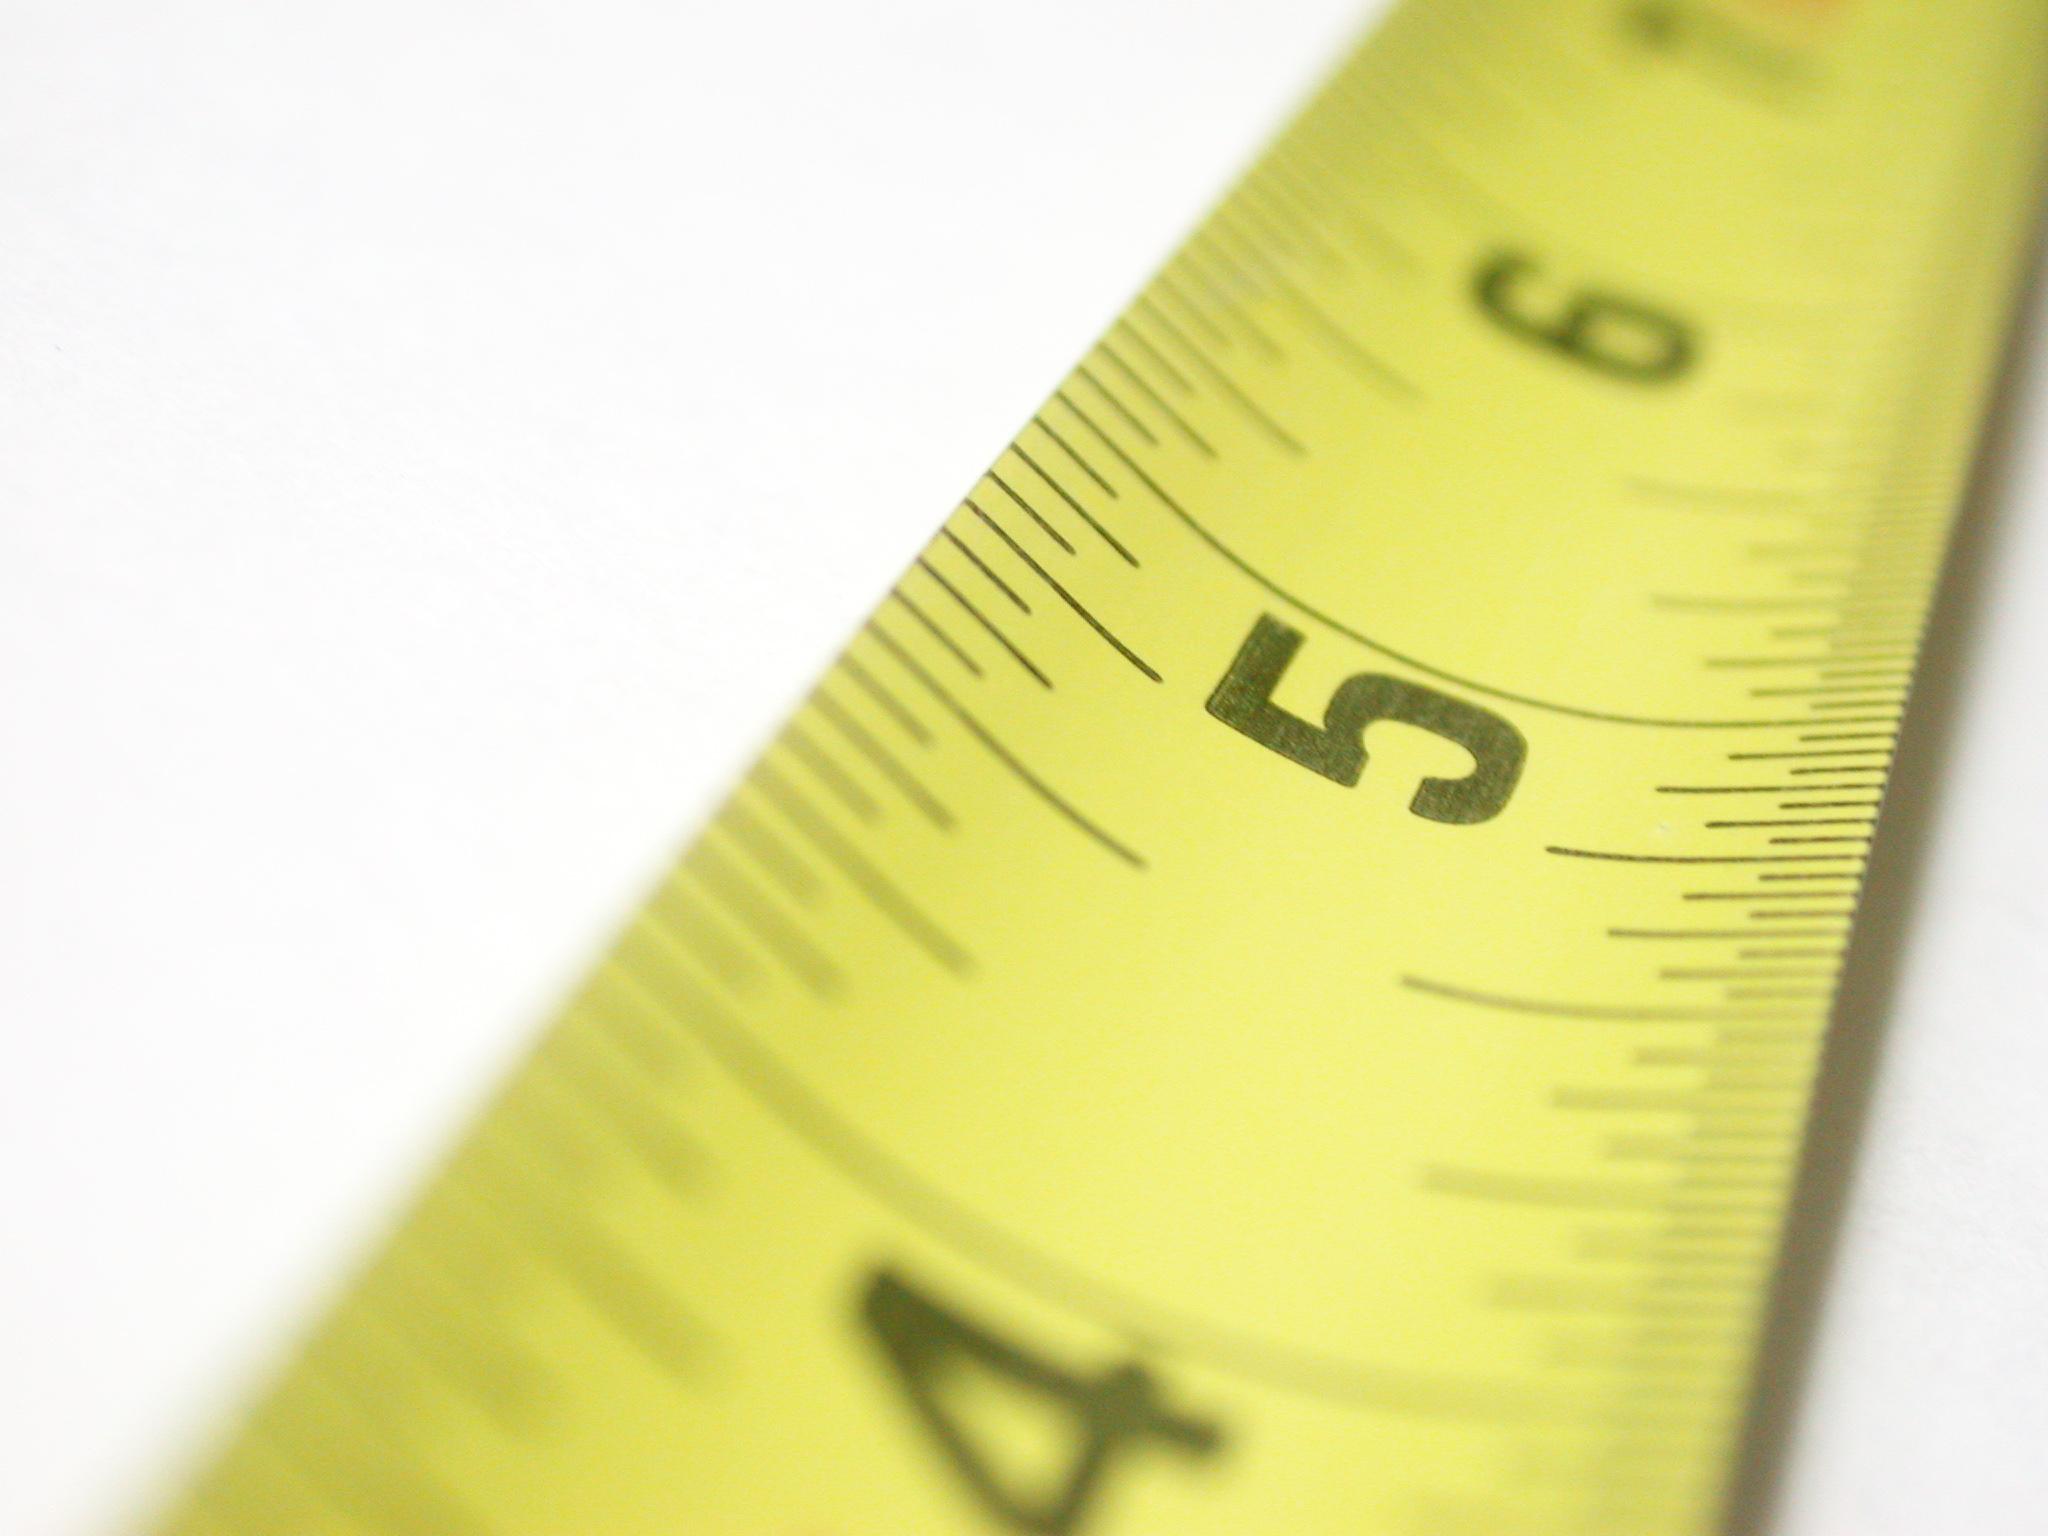 measure